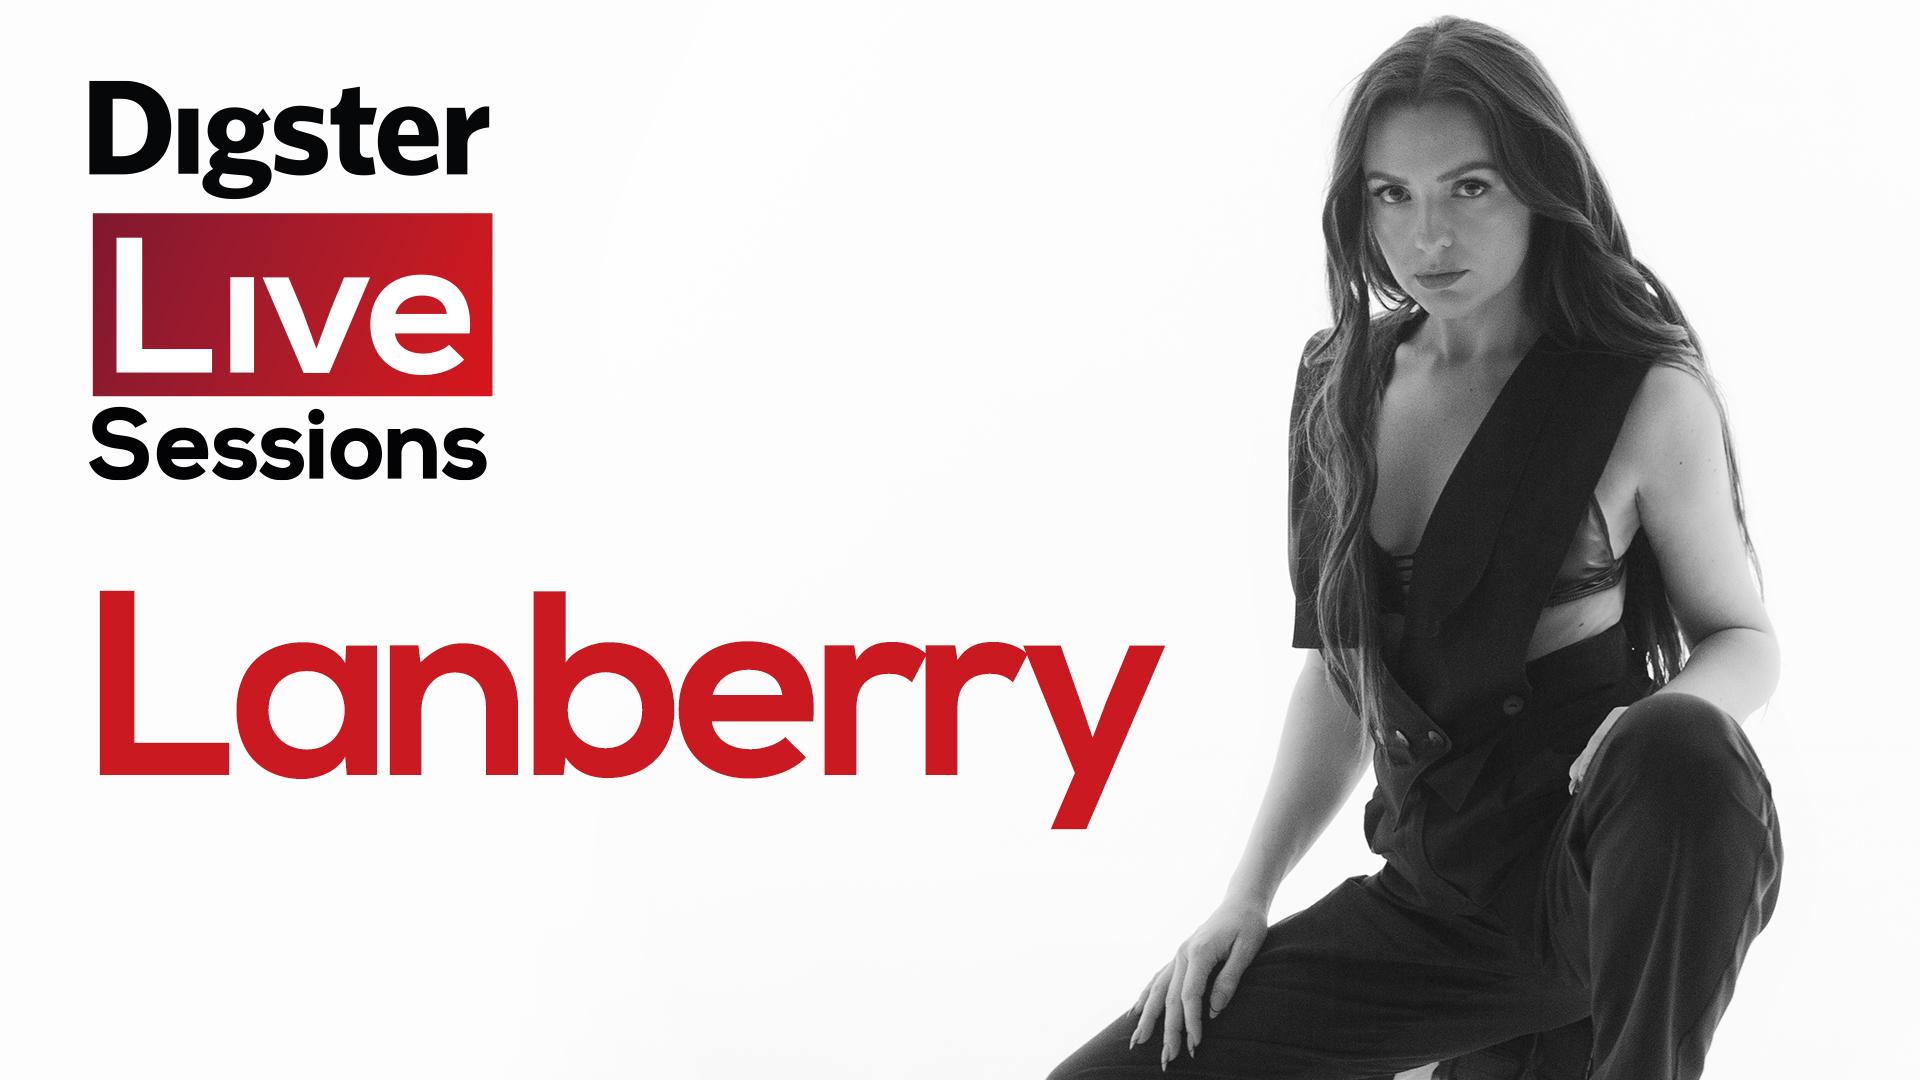 Lanberry na żywo na kanale Digster Polska na YT